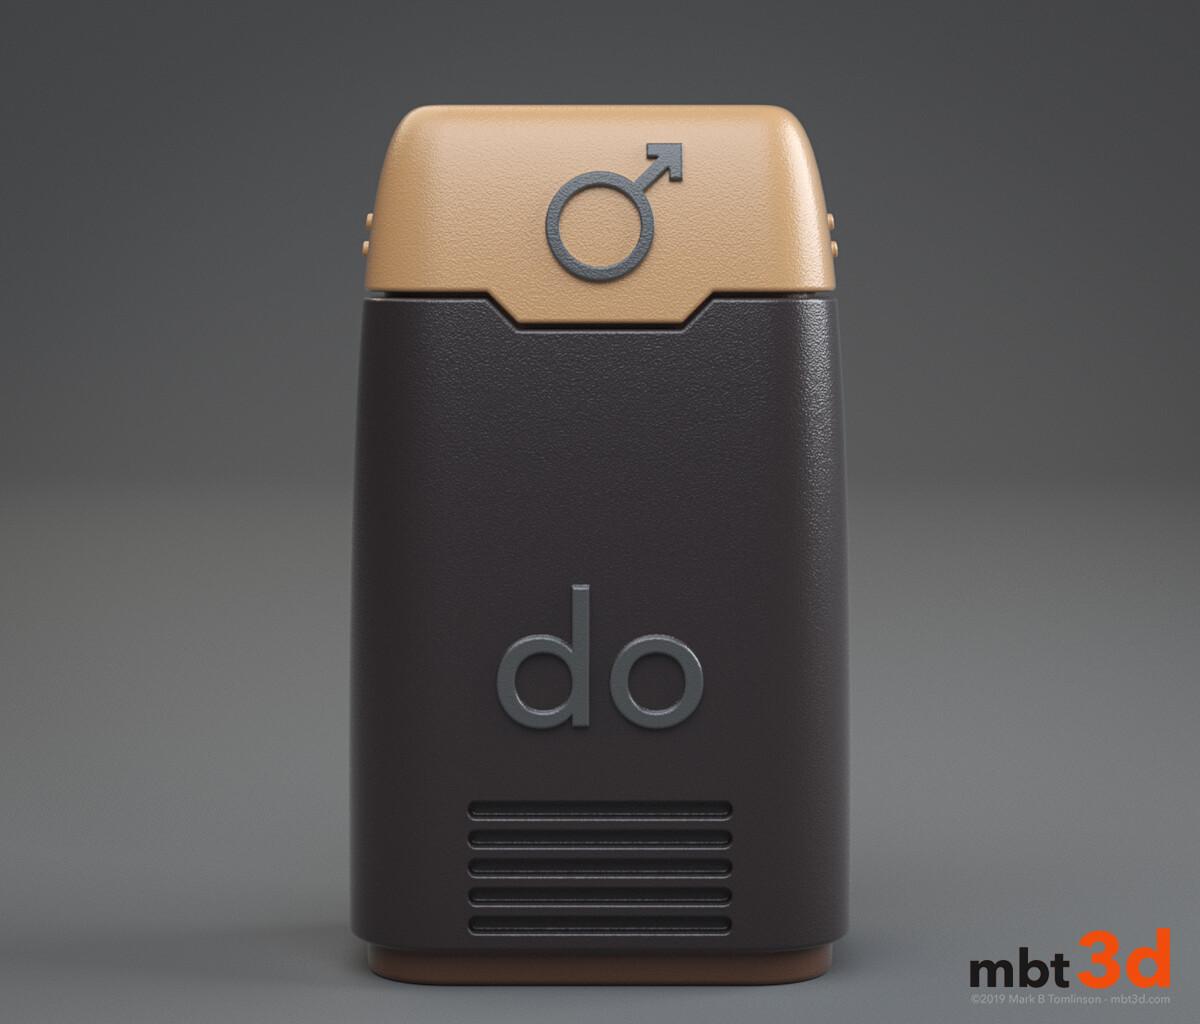 d o: deodorant